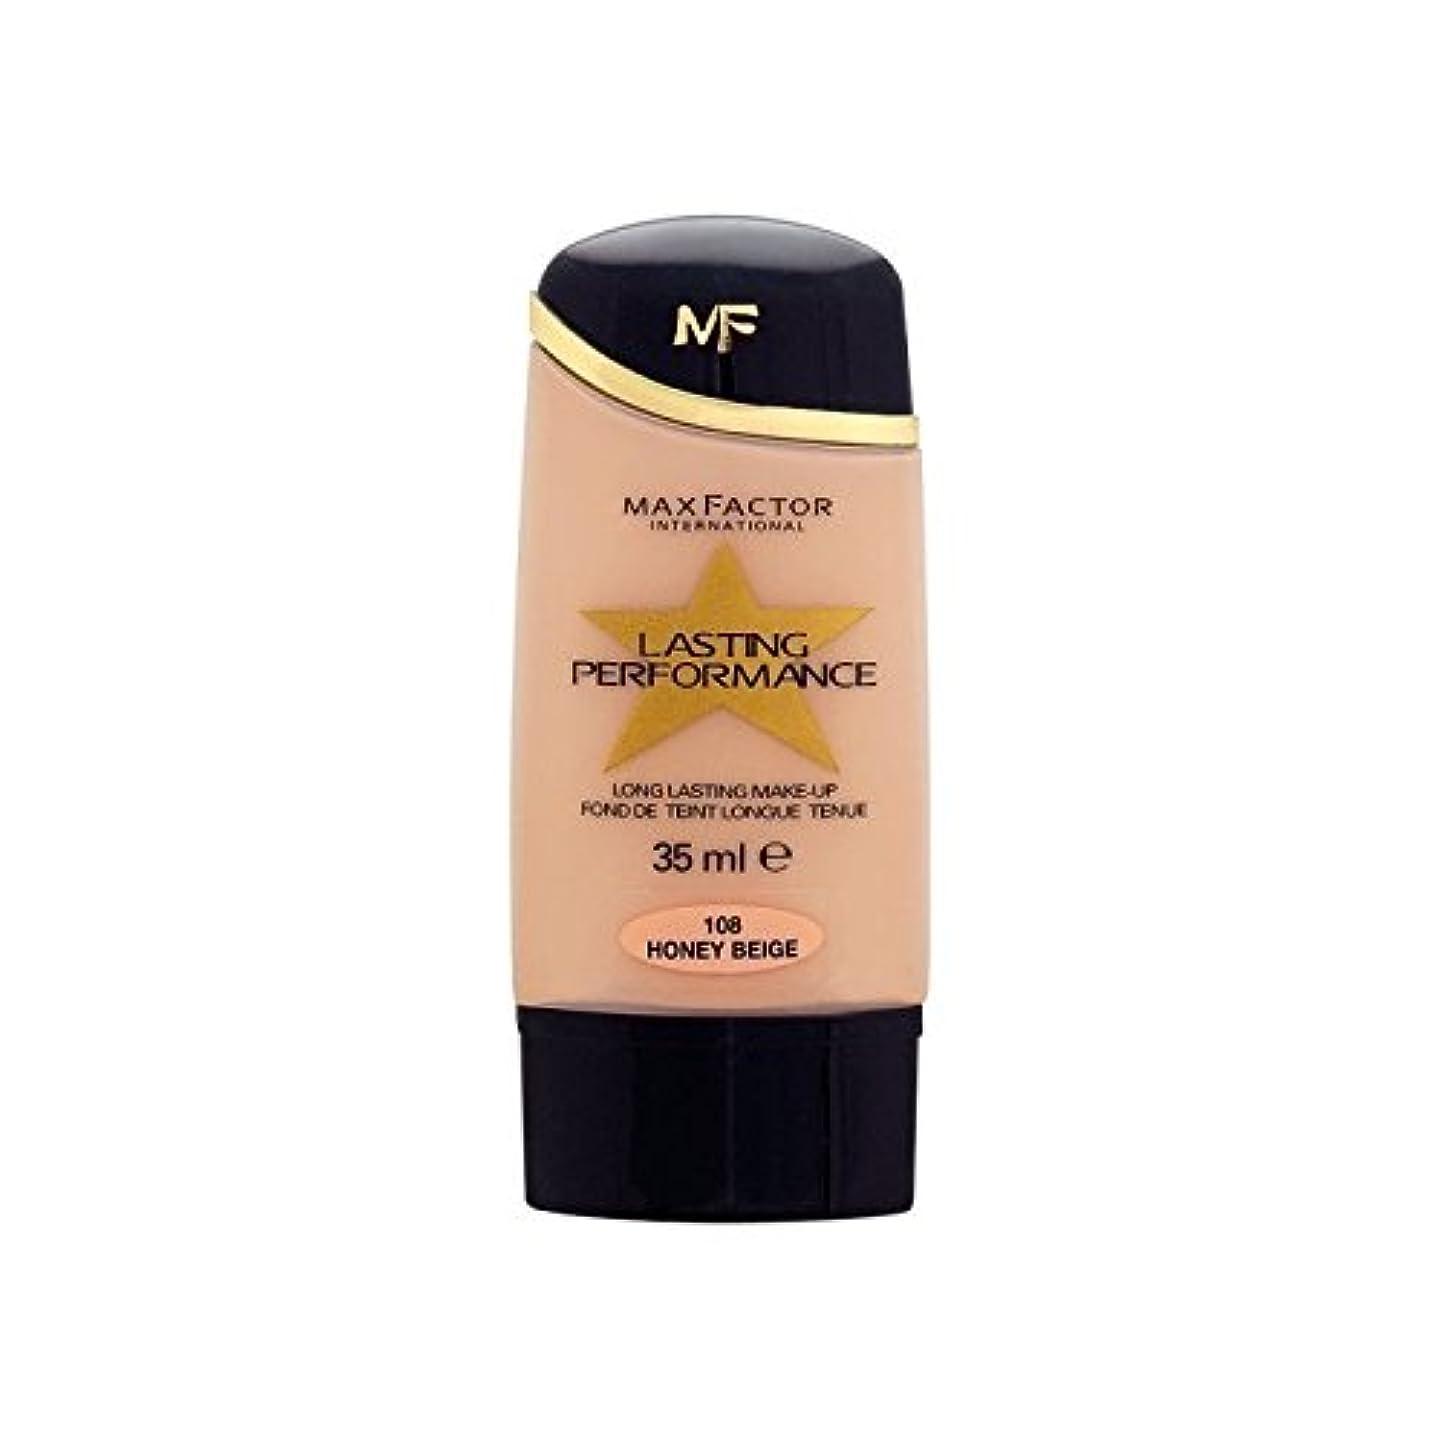 ラフレシアアルノルディ人工的な絞るマックスファクター持続パフォーマンスの基礎ハニーベージュ108 x4 - Max Factor Lasting Performance Foundation Honey Beige 108 (Pack of 4) [並行輸入品]